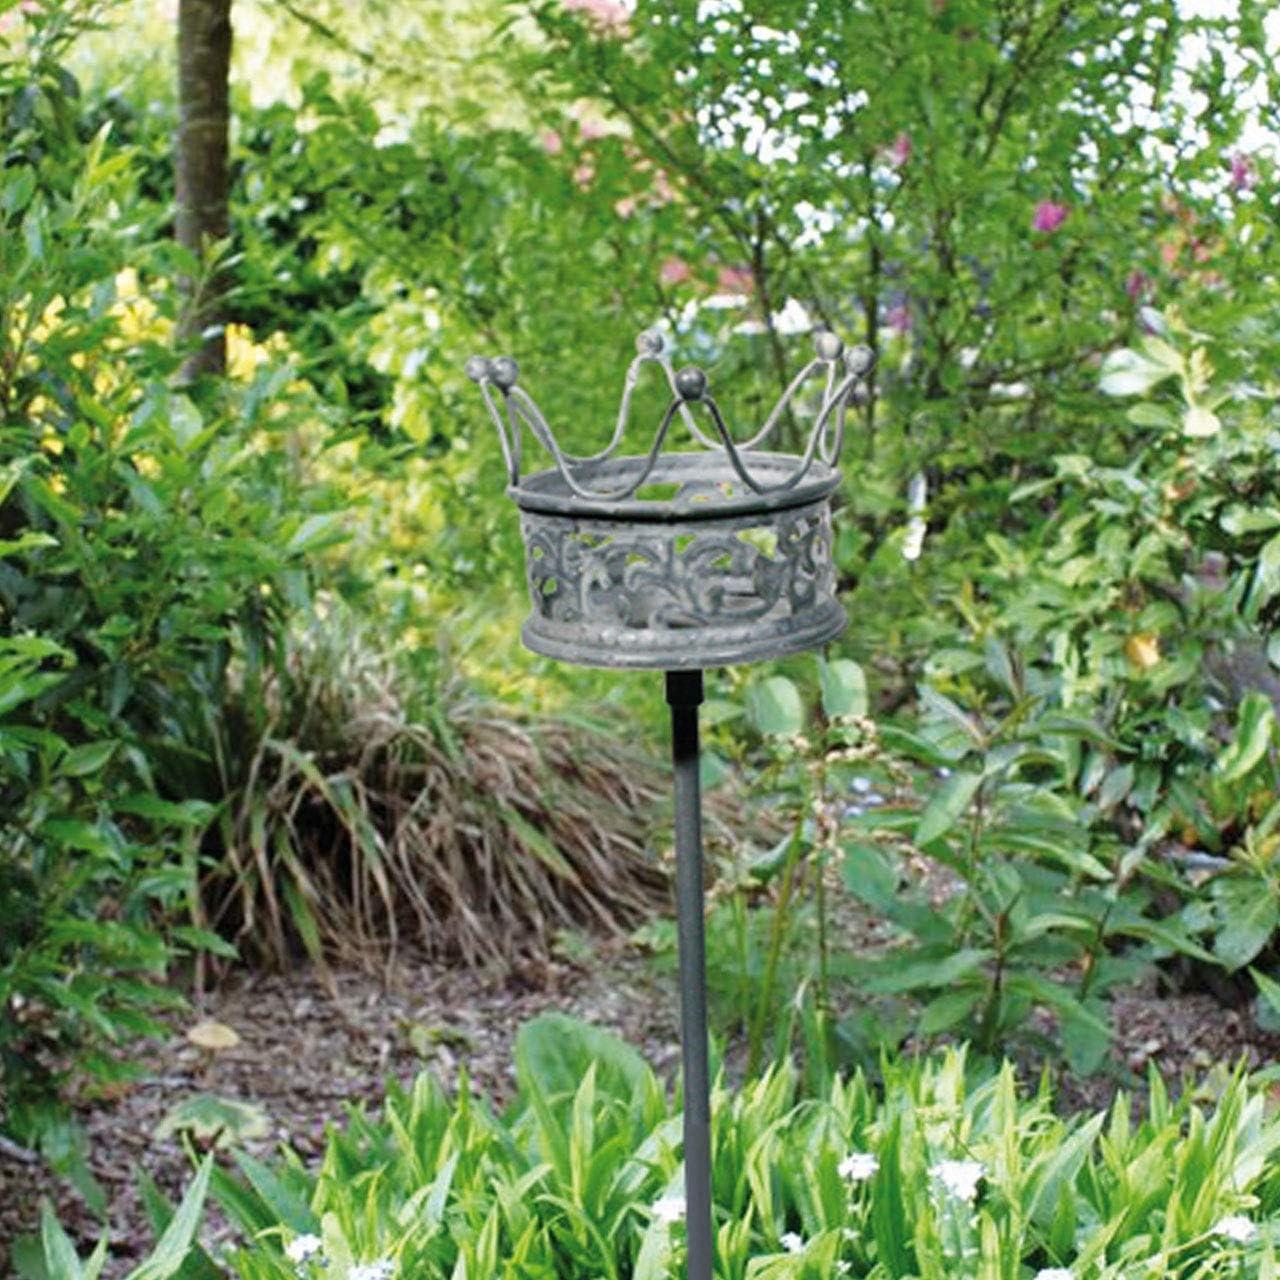 großer ausgefallener dekorativer Garten-Stecker Deko-Stecker Landhaus-Gartendeko